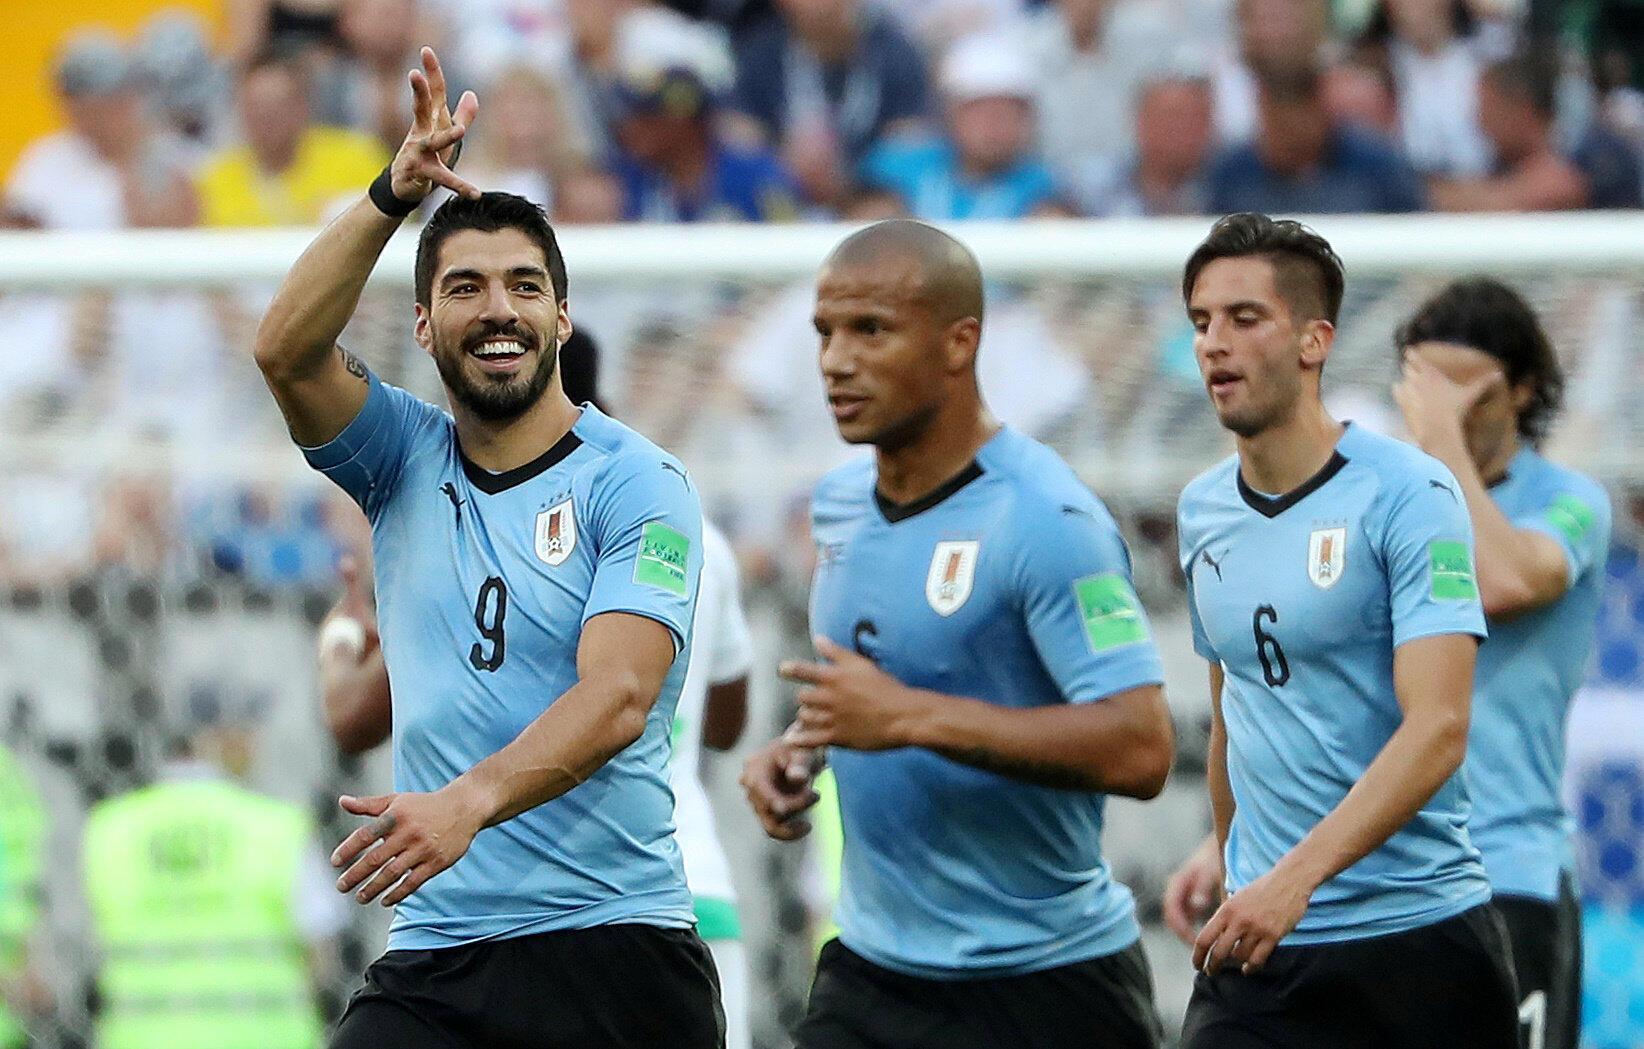 Luis Suarez celebra el unico gol frente a Arabia saudita con el que Uruguay sacaba su billete a octavos de final del mundial de Risia 2018.